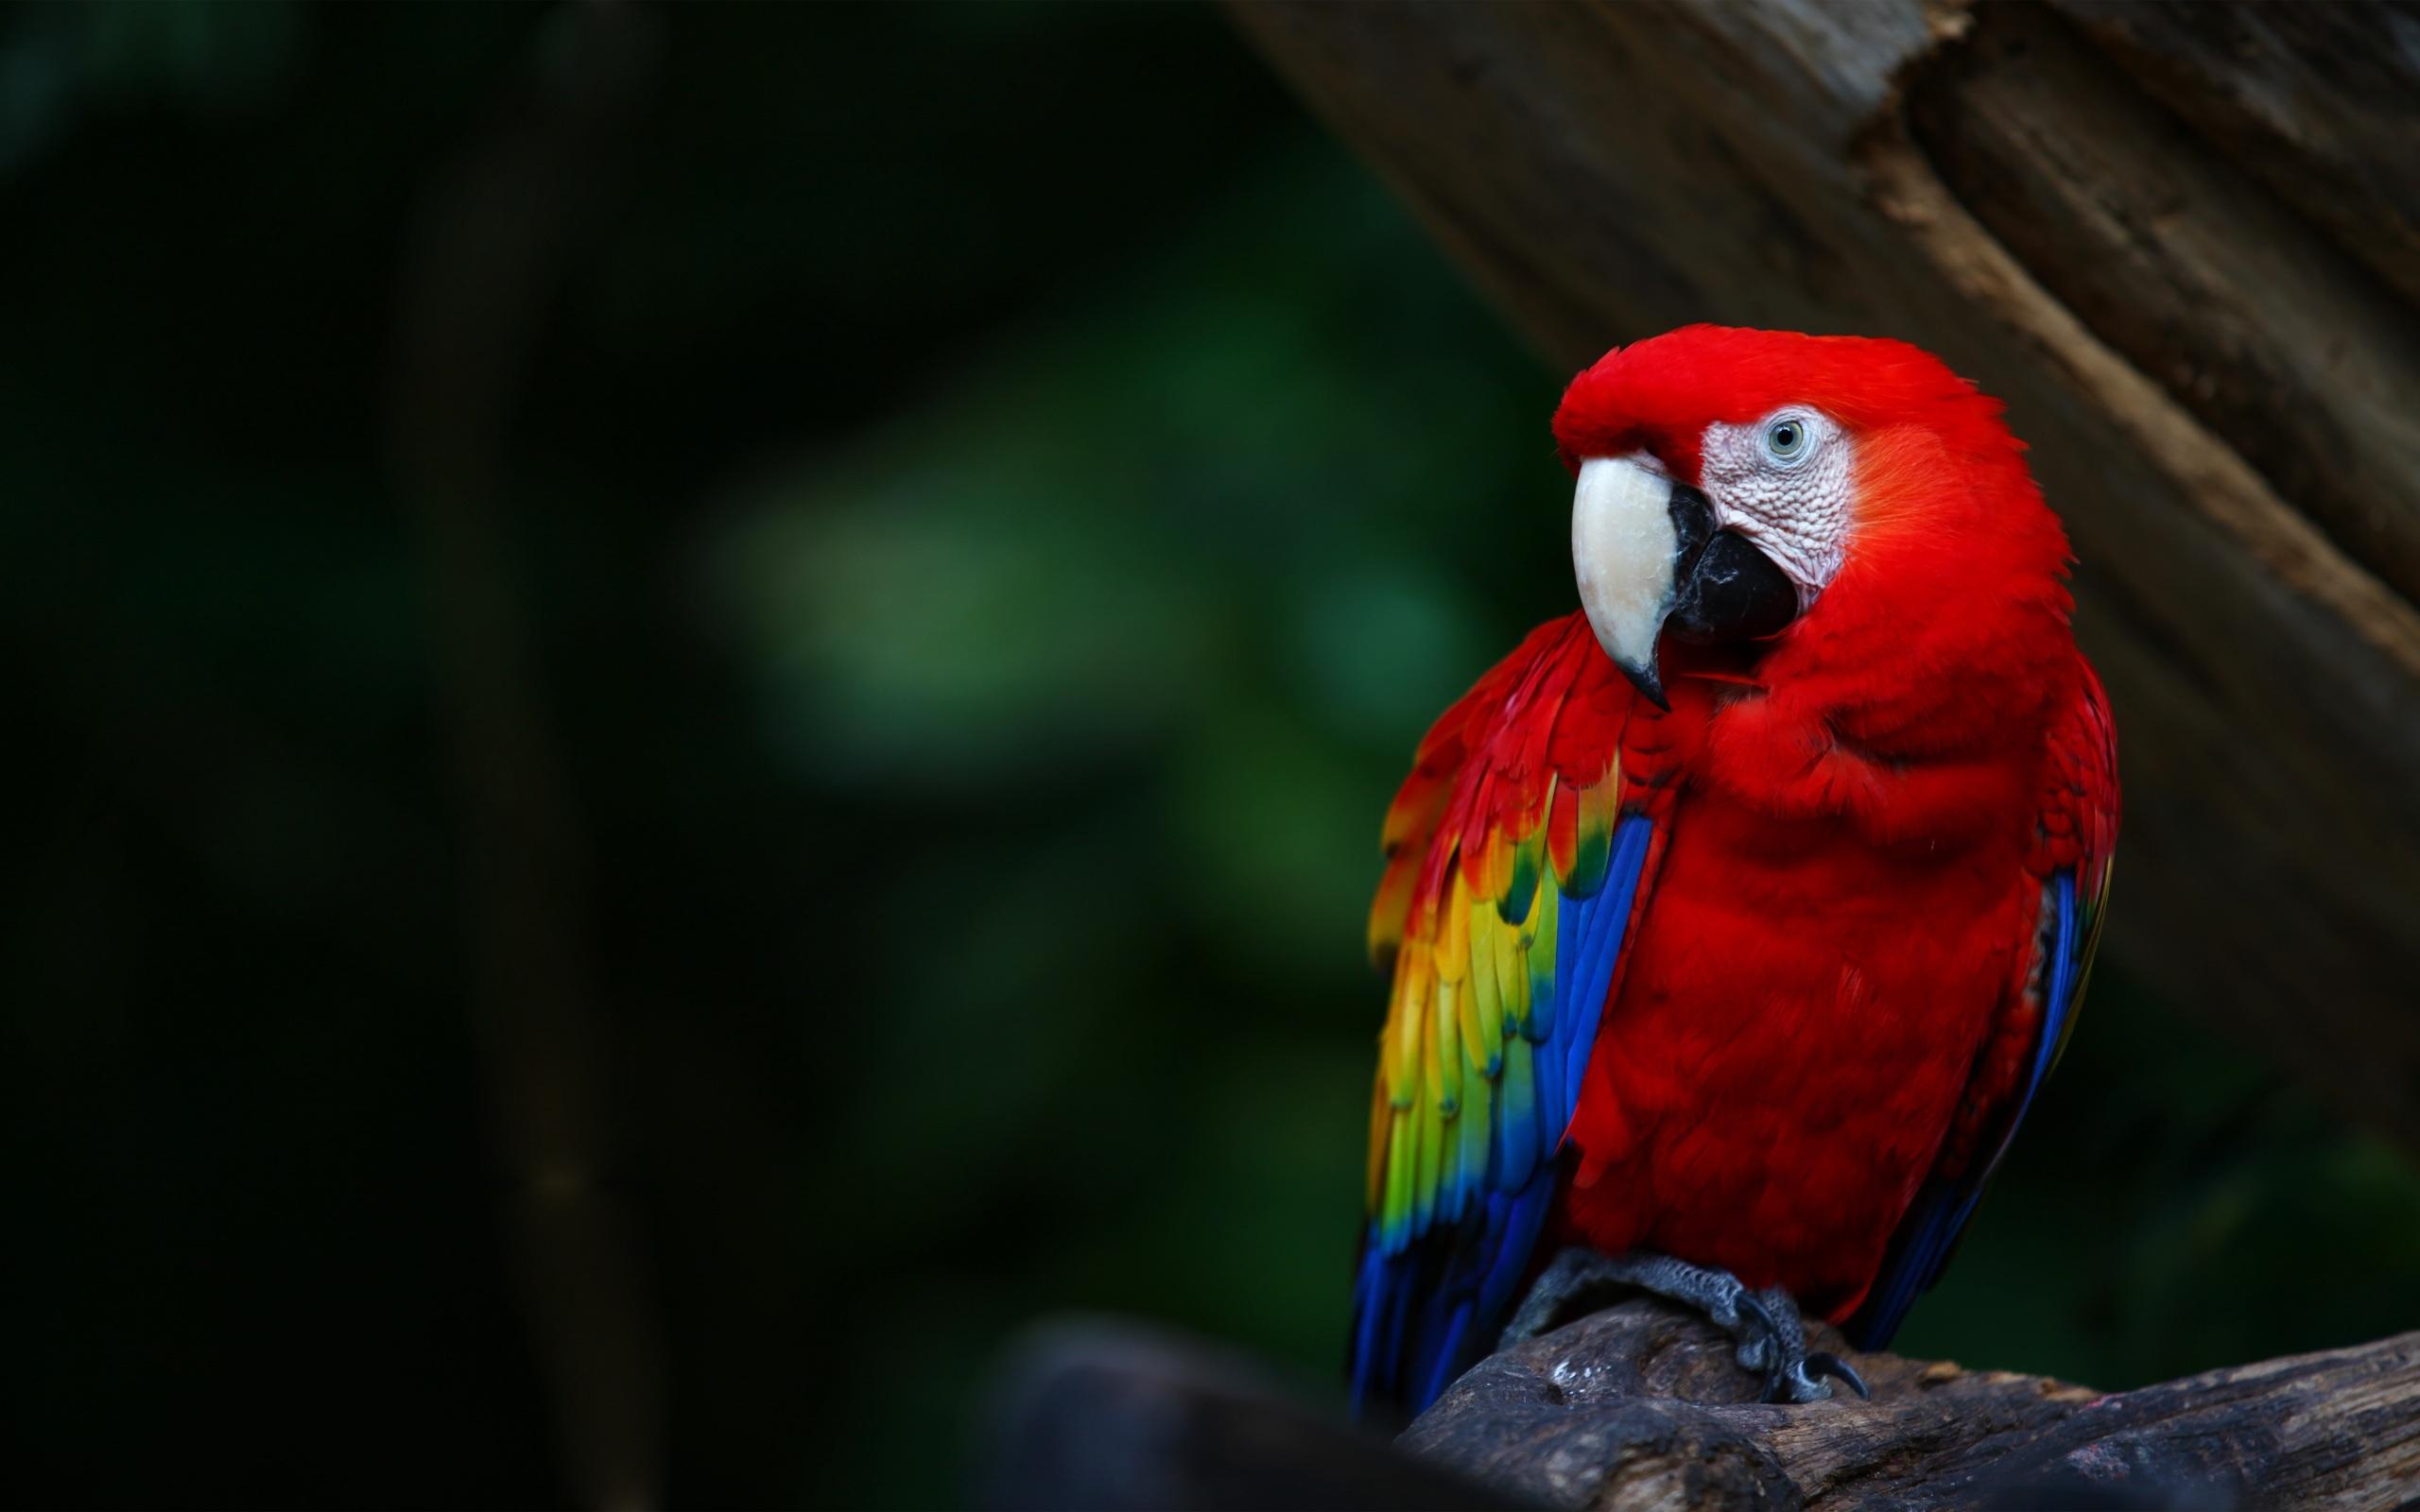 Fantastic Macaw Wallpaper